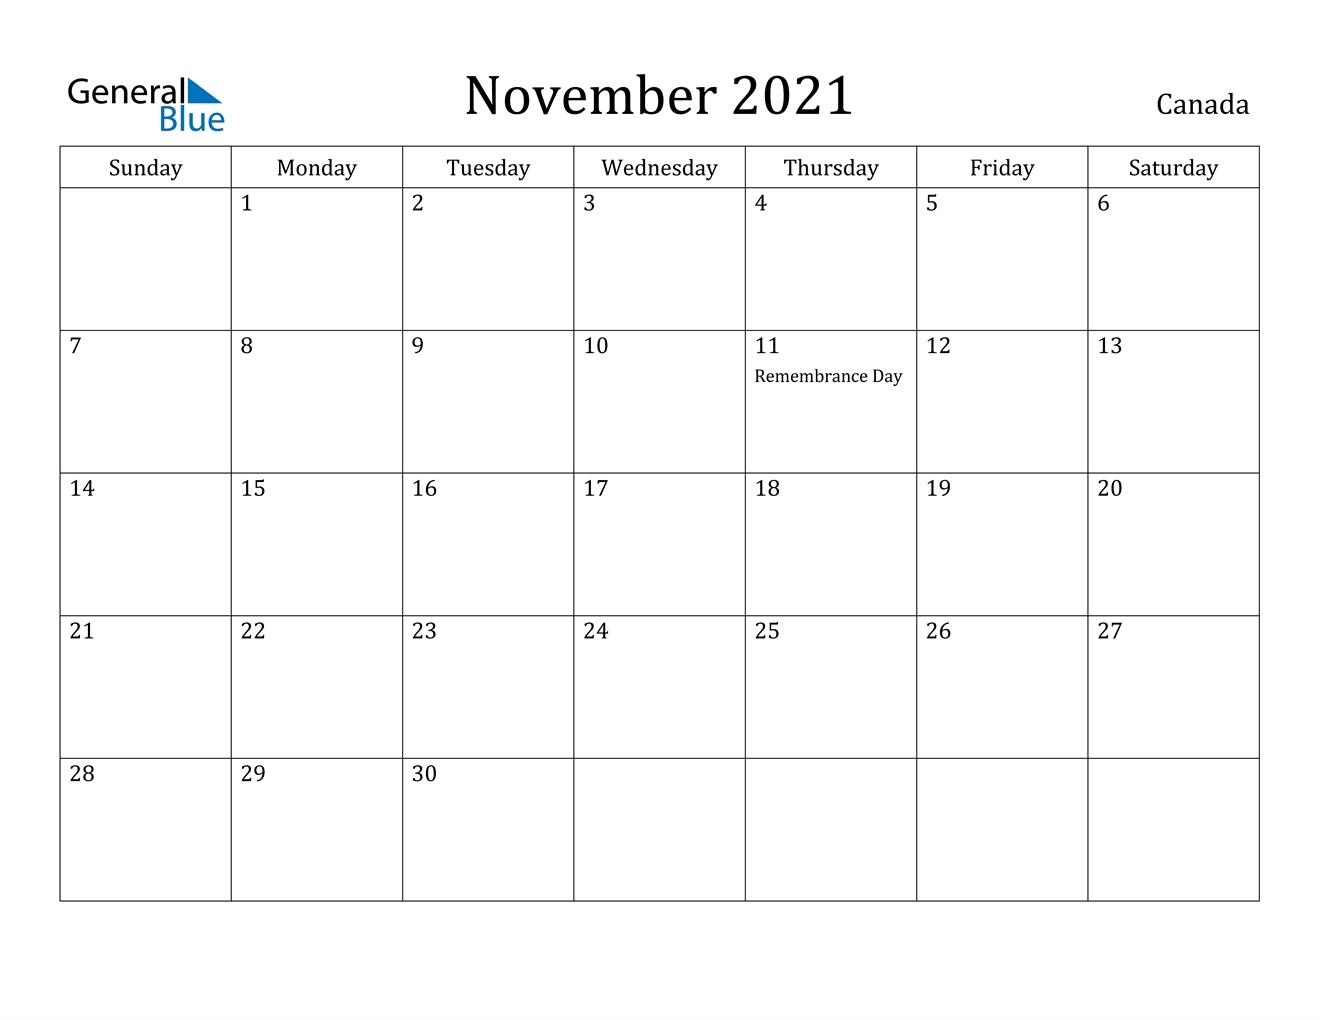 November 2021 Calendar - Canada throughout Father'S Day 2021 Canada Photo